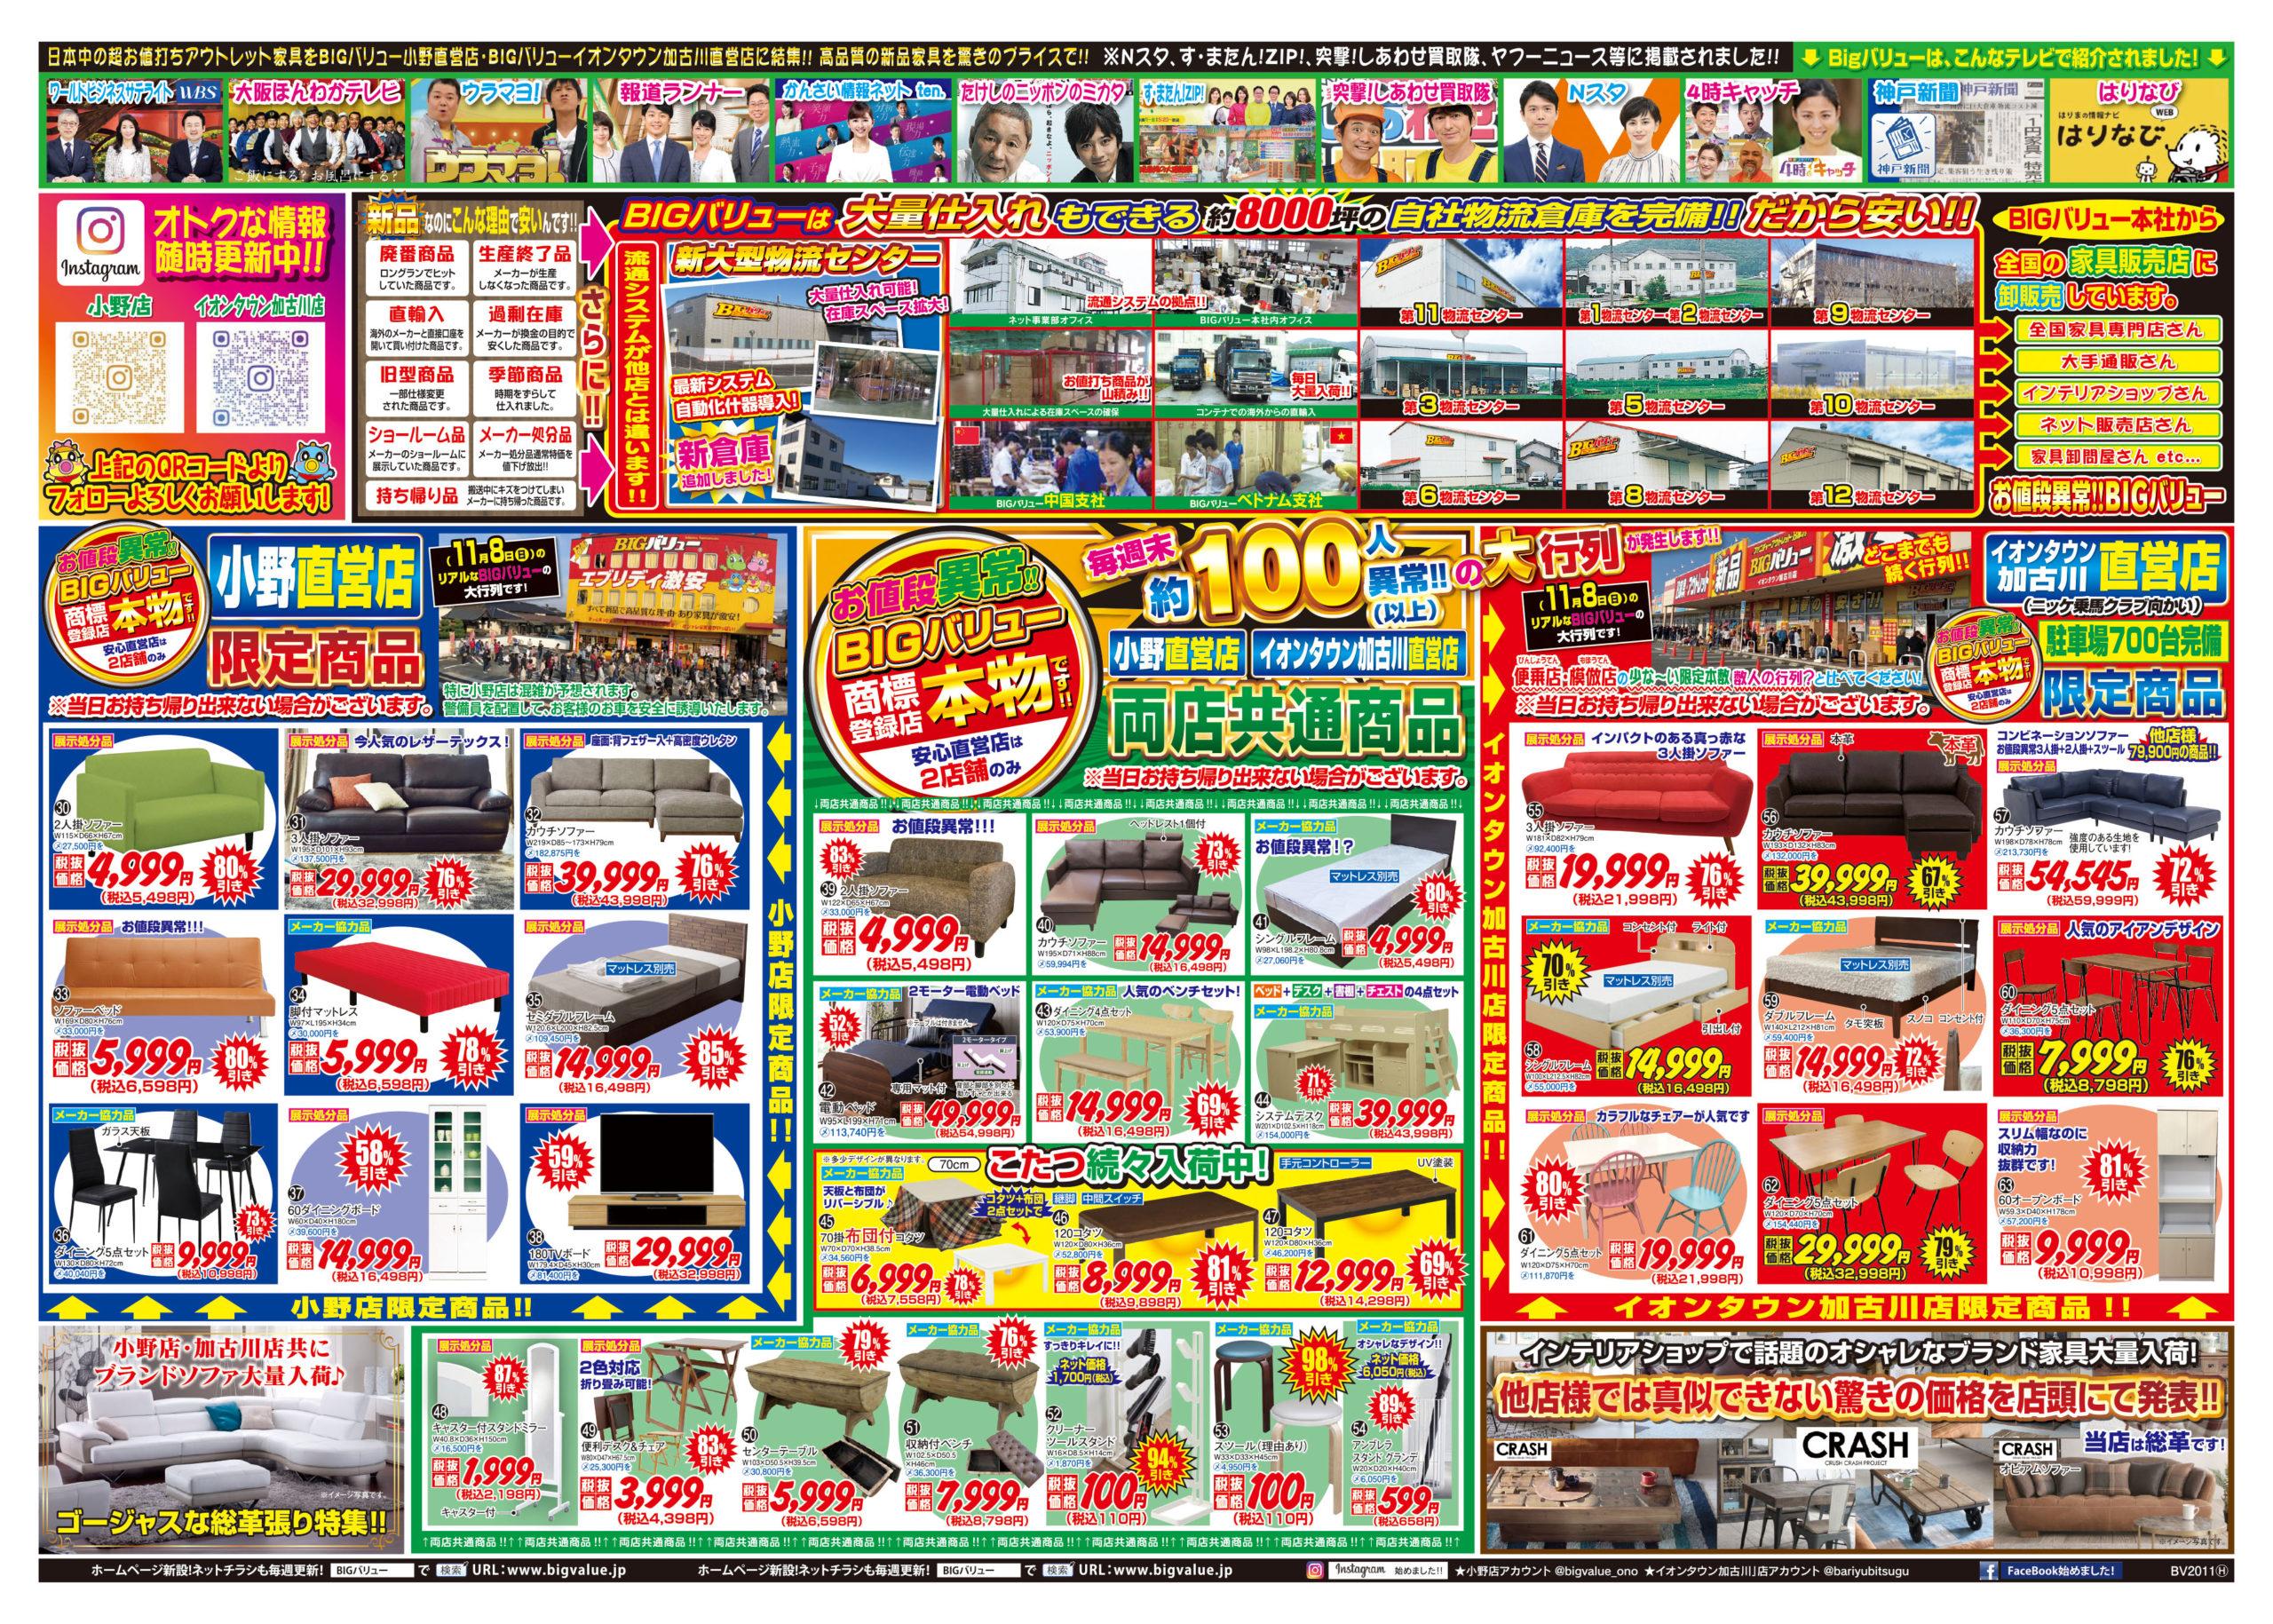 チラシ情報2020年11月14日~11月20日 小野店/イオンタウン加古川店